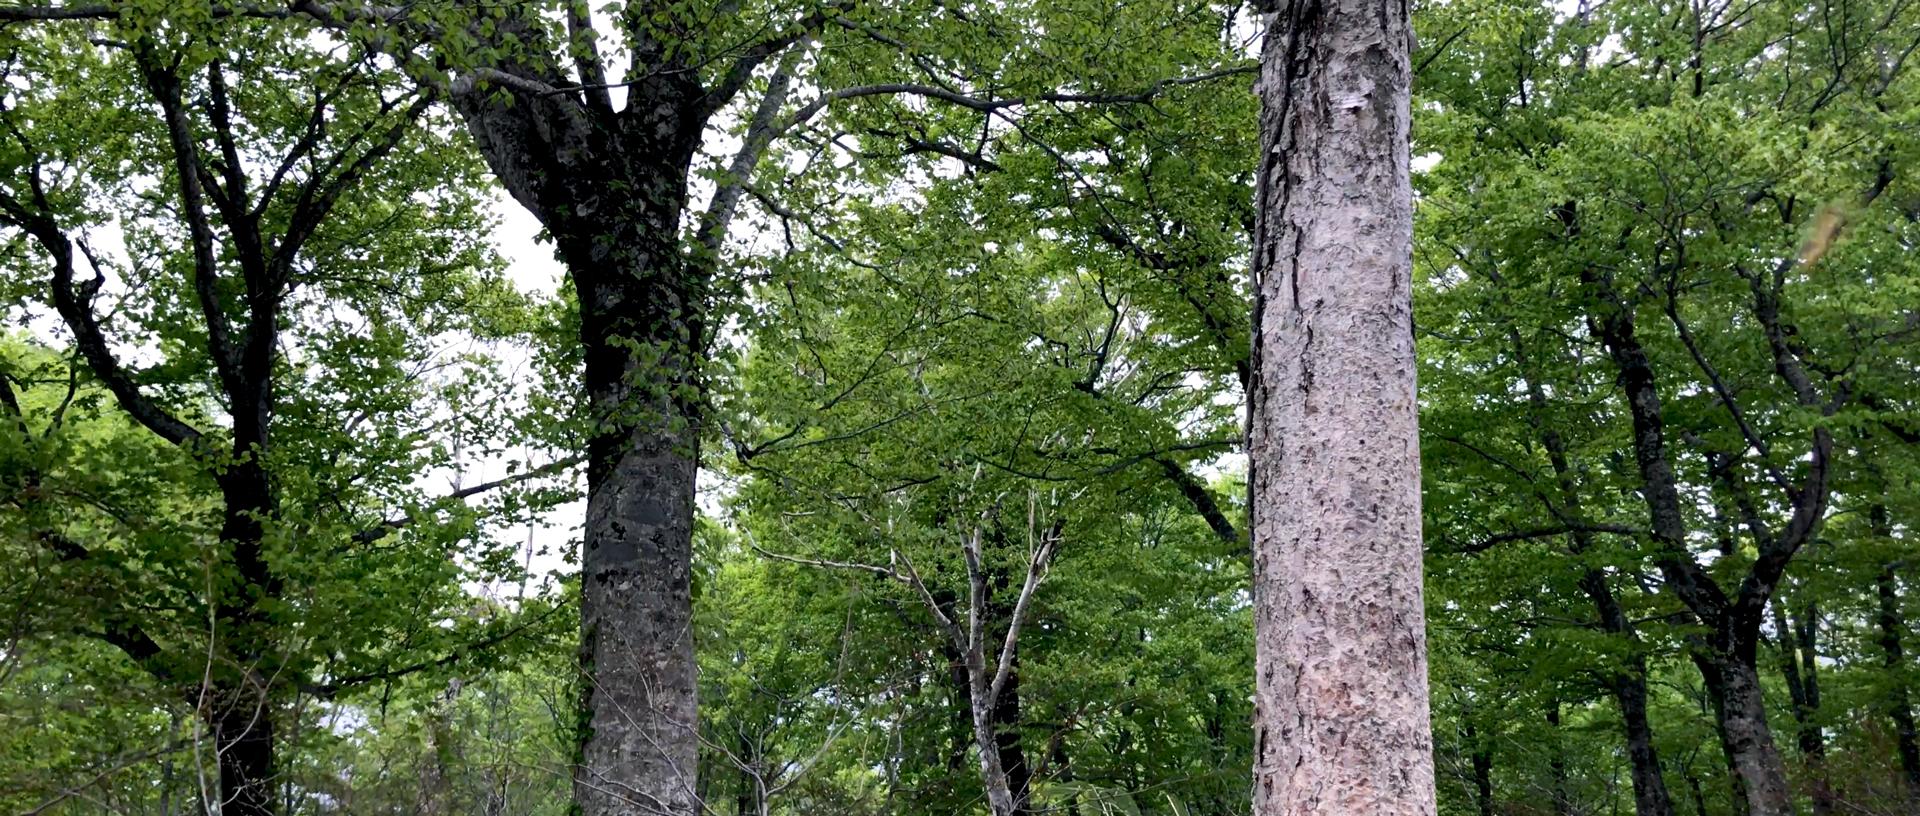 島牧村のブナの原生林